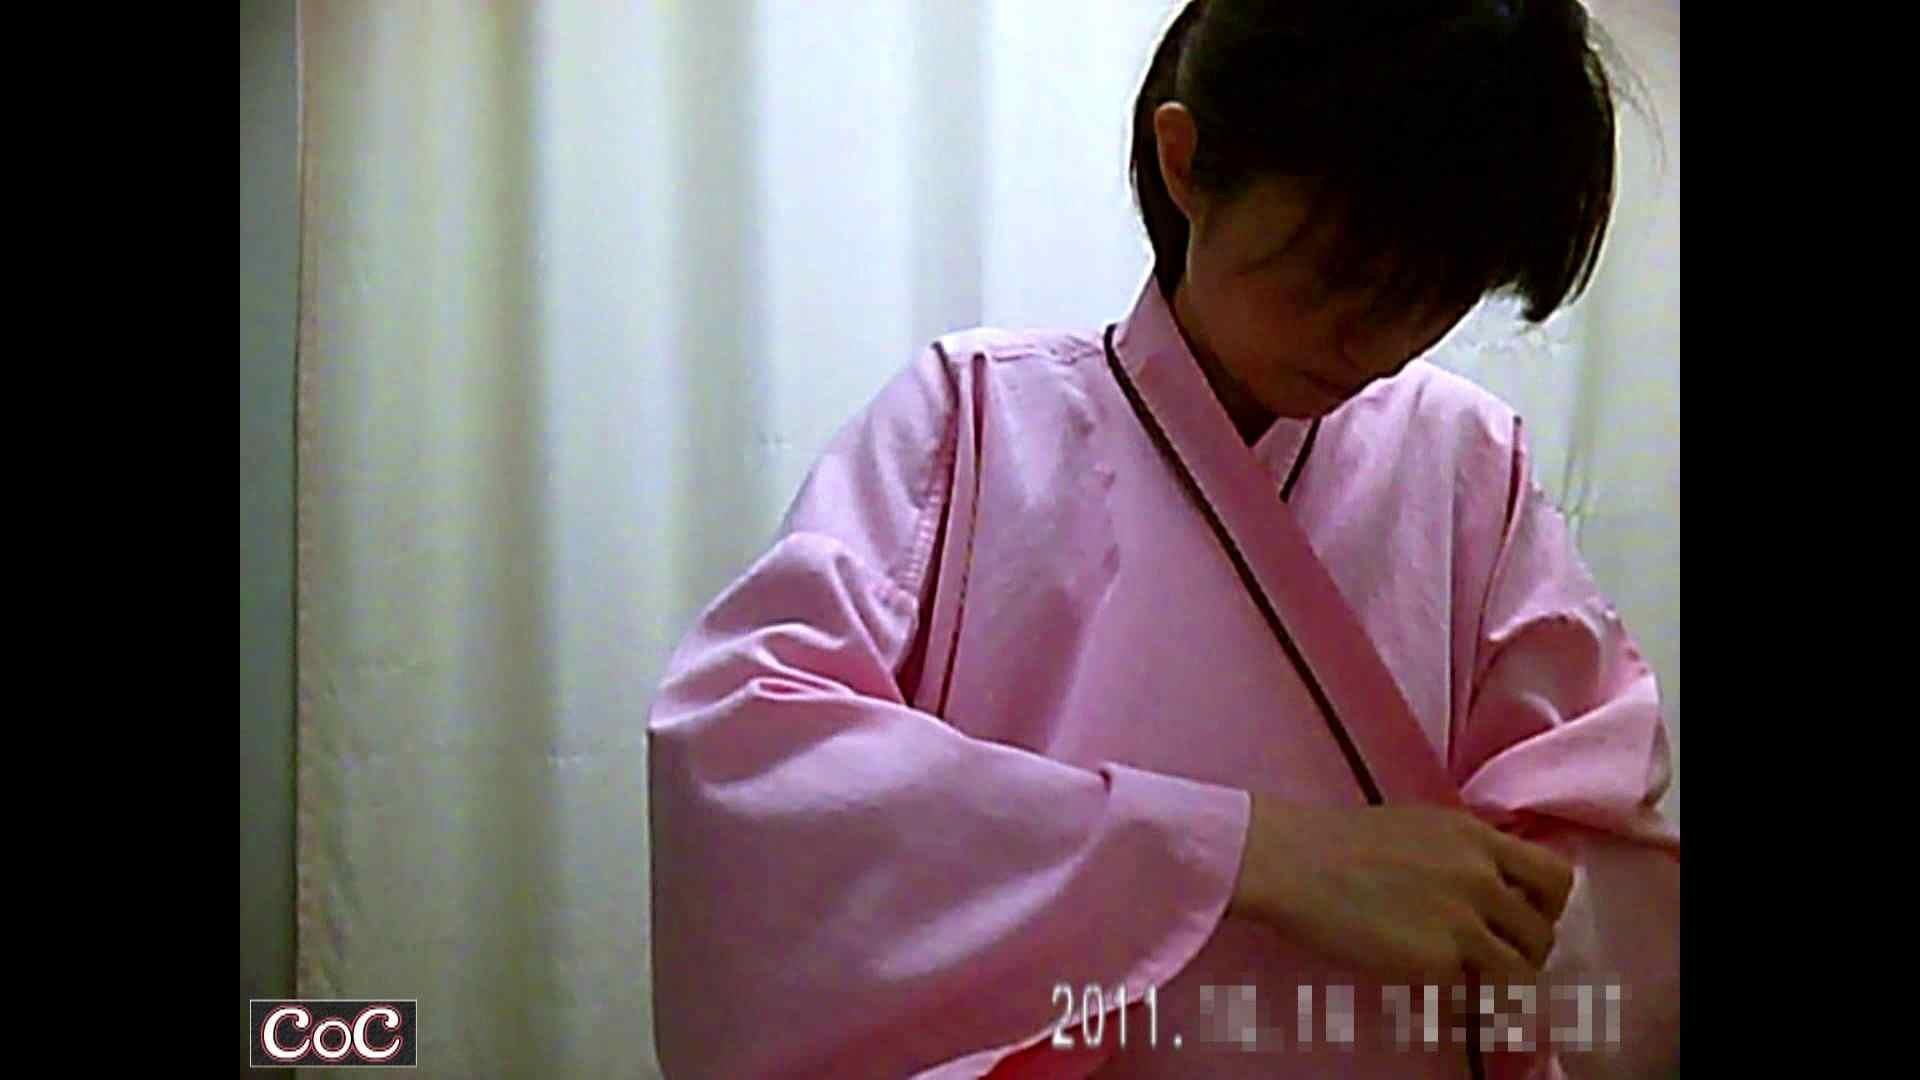 病院おもいっきり着替え! vol.59 おっぱい オメコ無修正動画無料 81pic 73